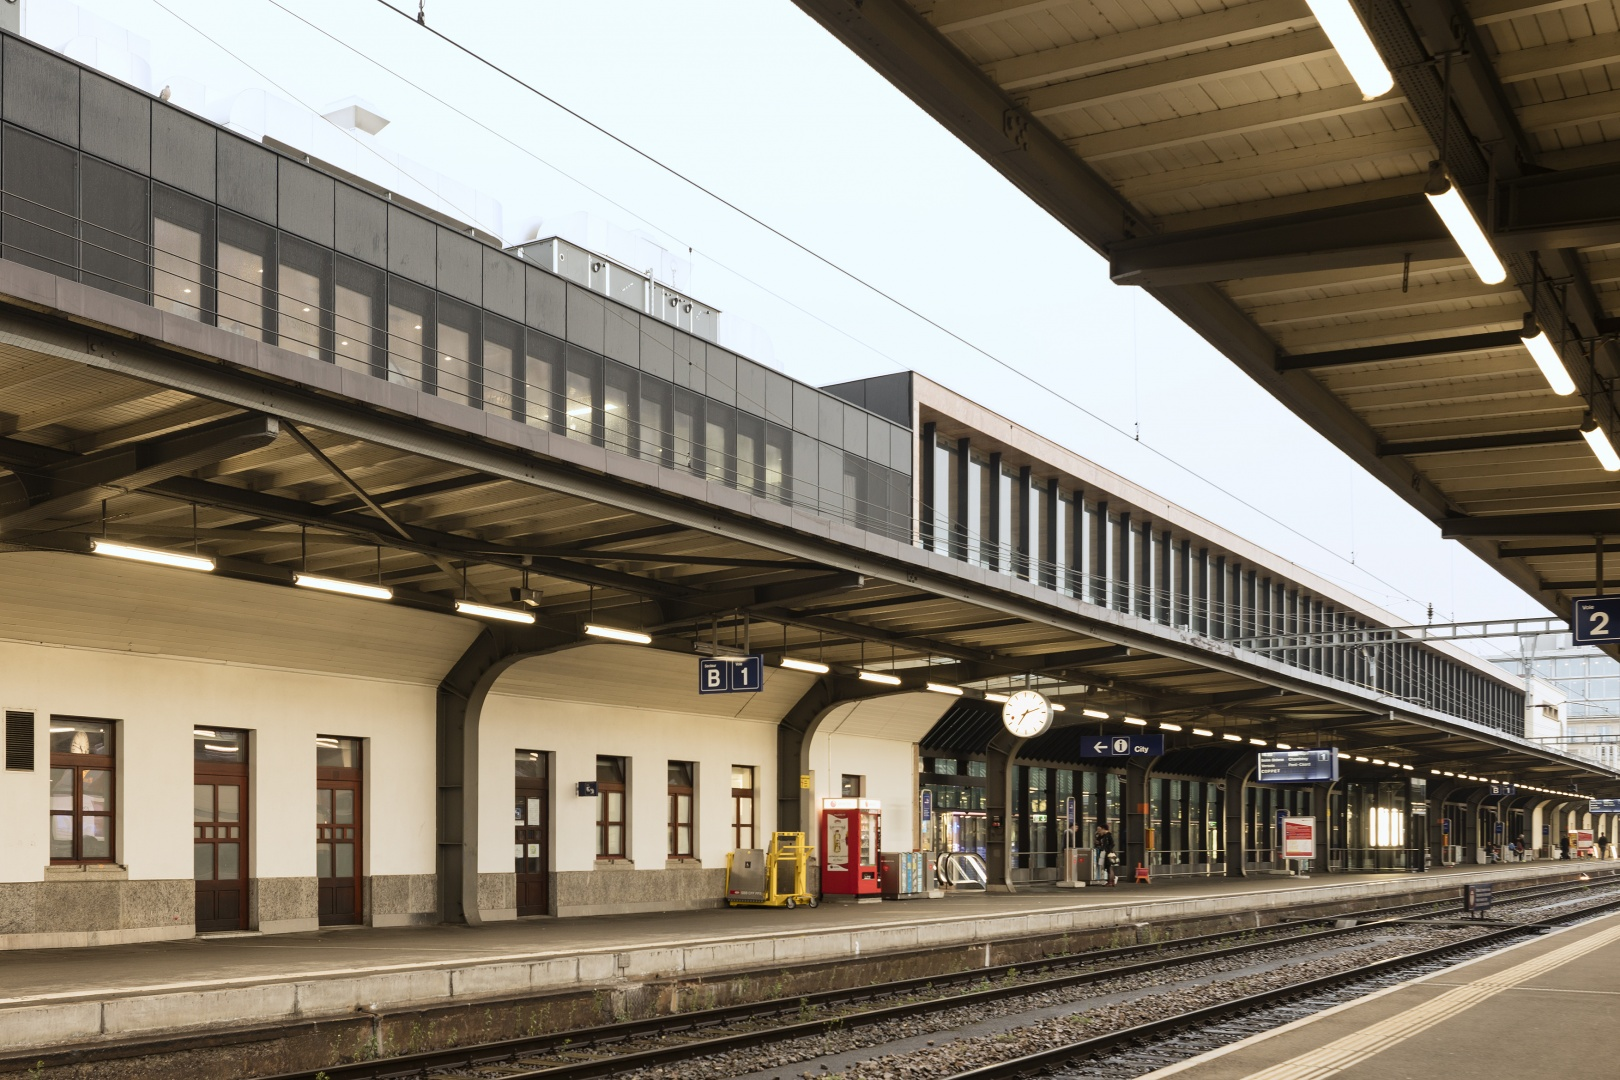 Bahnstein 1 © Fernando Guerra, Lisbonne